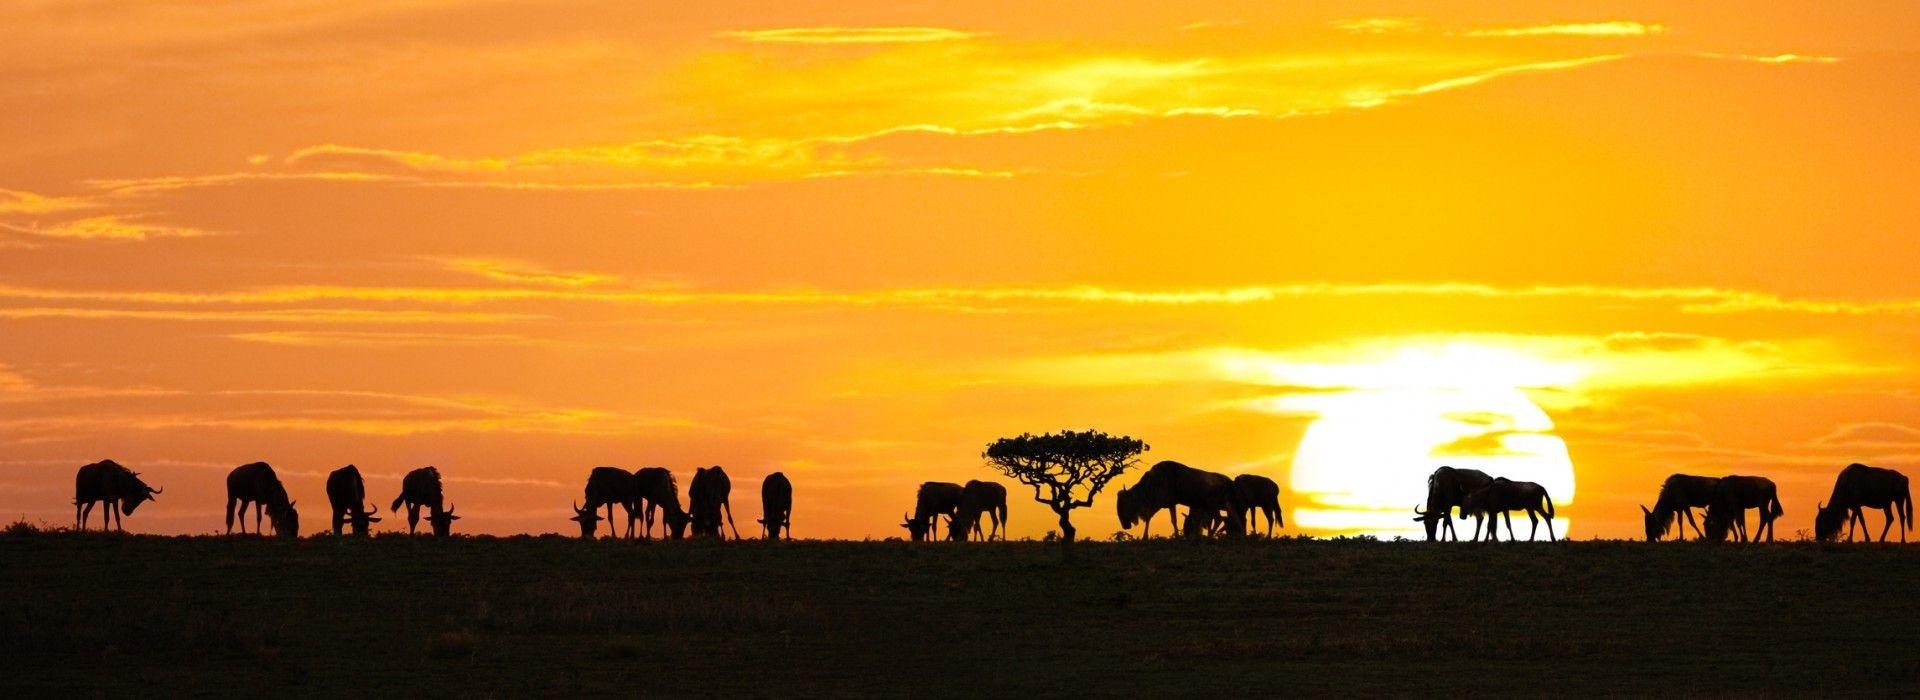 Wildlife Tours in Kilimanjaro Marangu Route